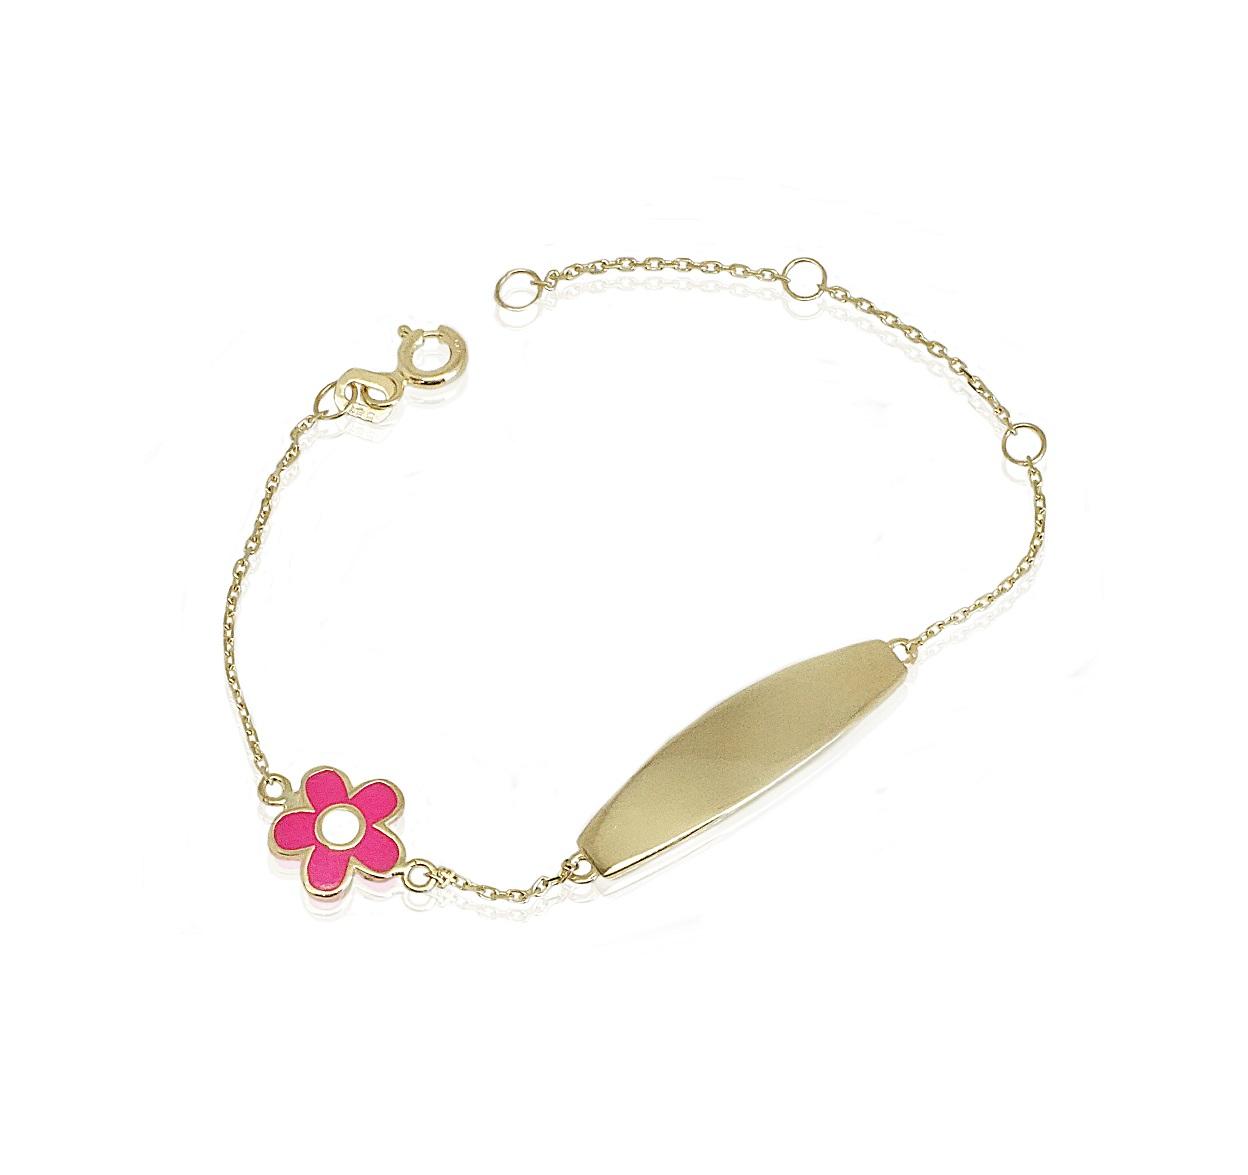 צמיד זהב עם חריטה לילדה|בצמיד פרח אמייל